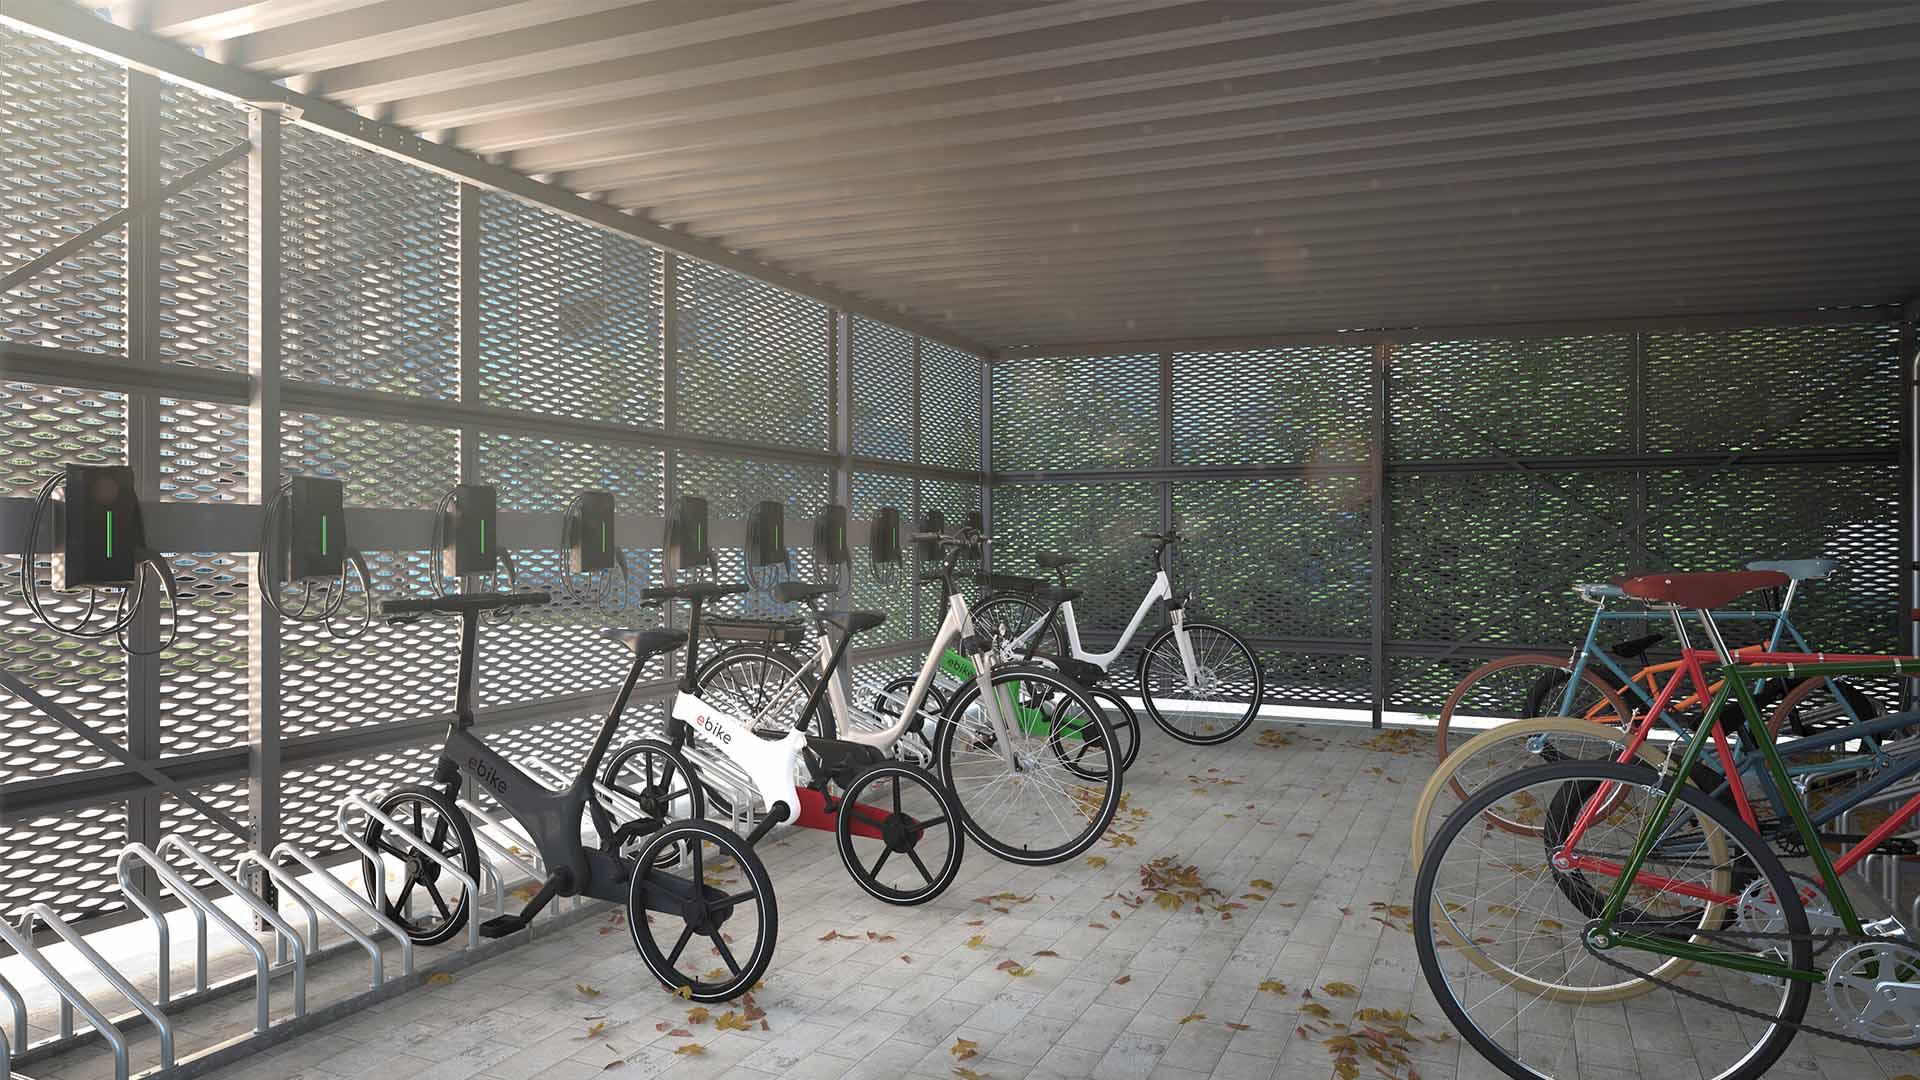 210709_kaeuferle_web_einhausungen_variobox_fahrrad_slide2